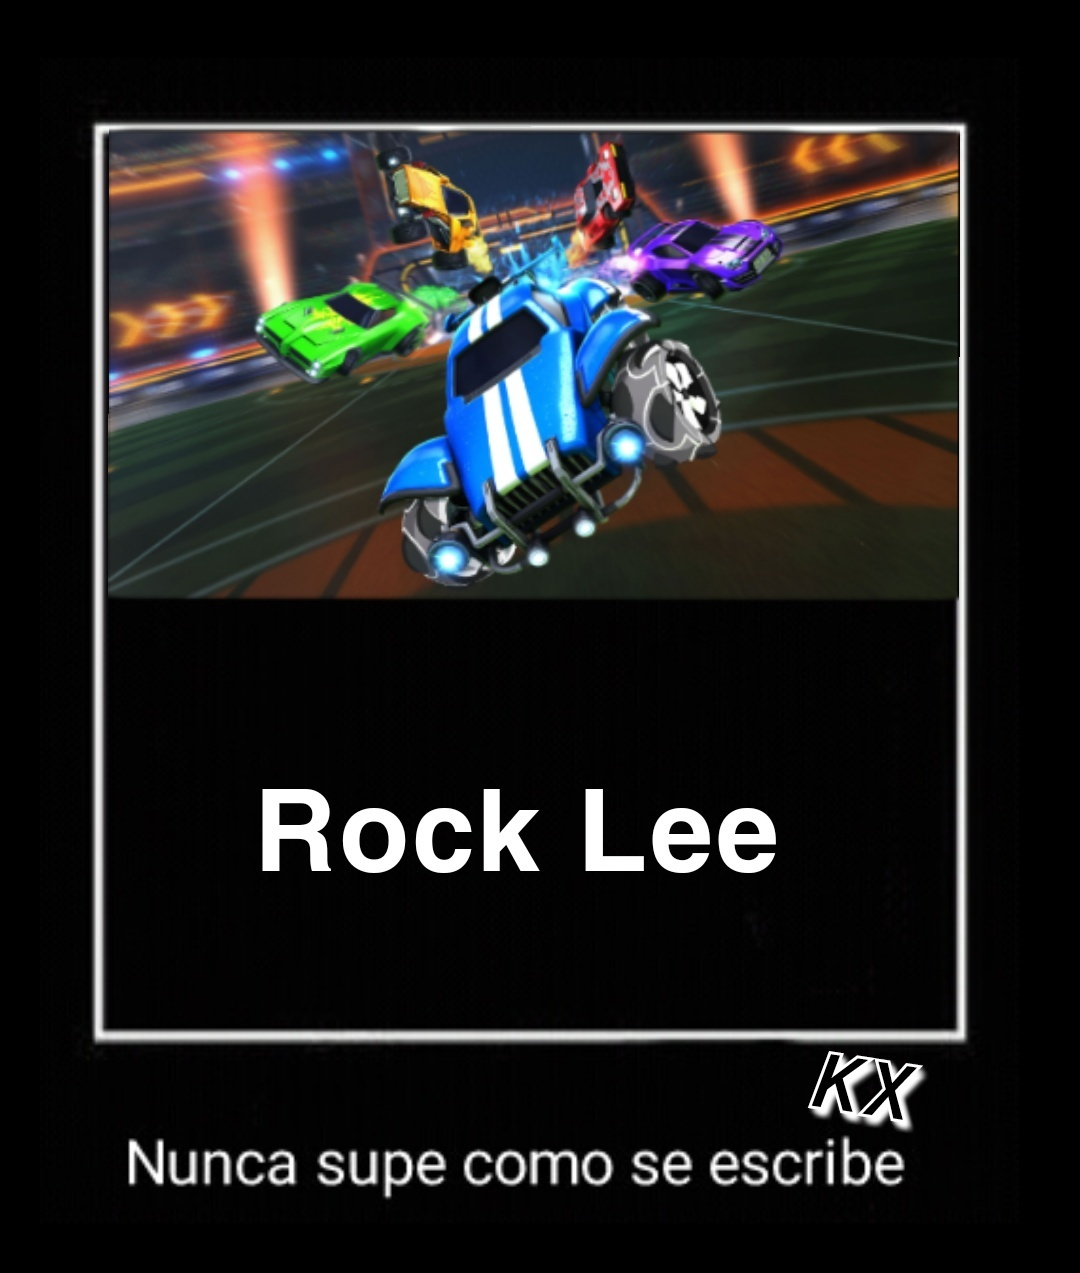 Un capo Rock Lee - meme